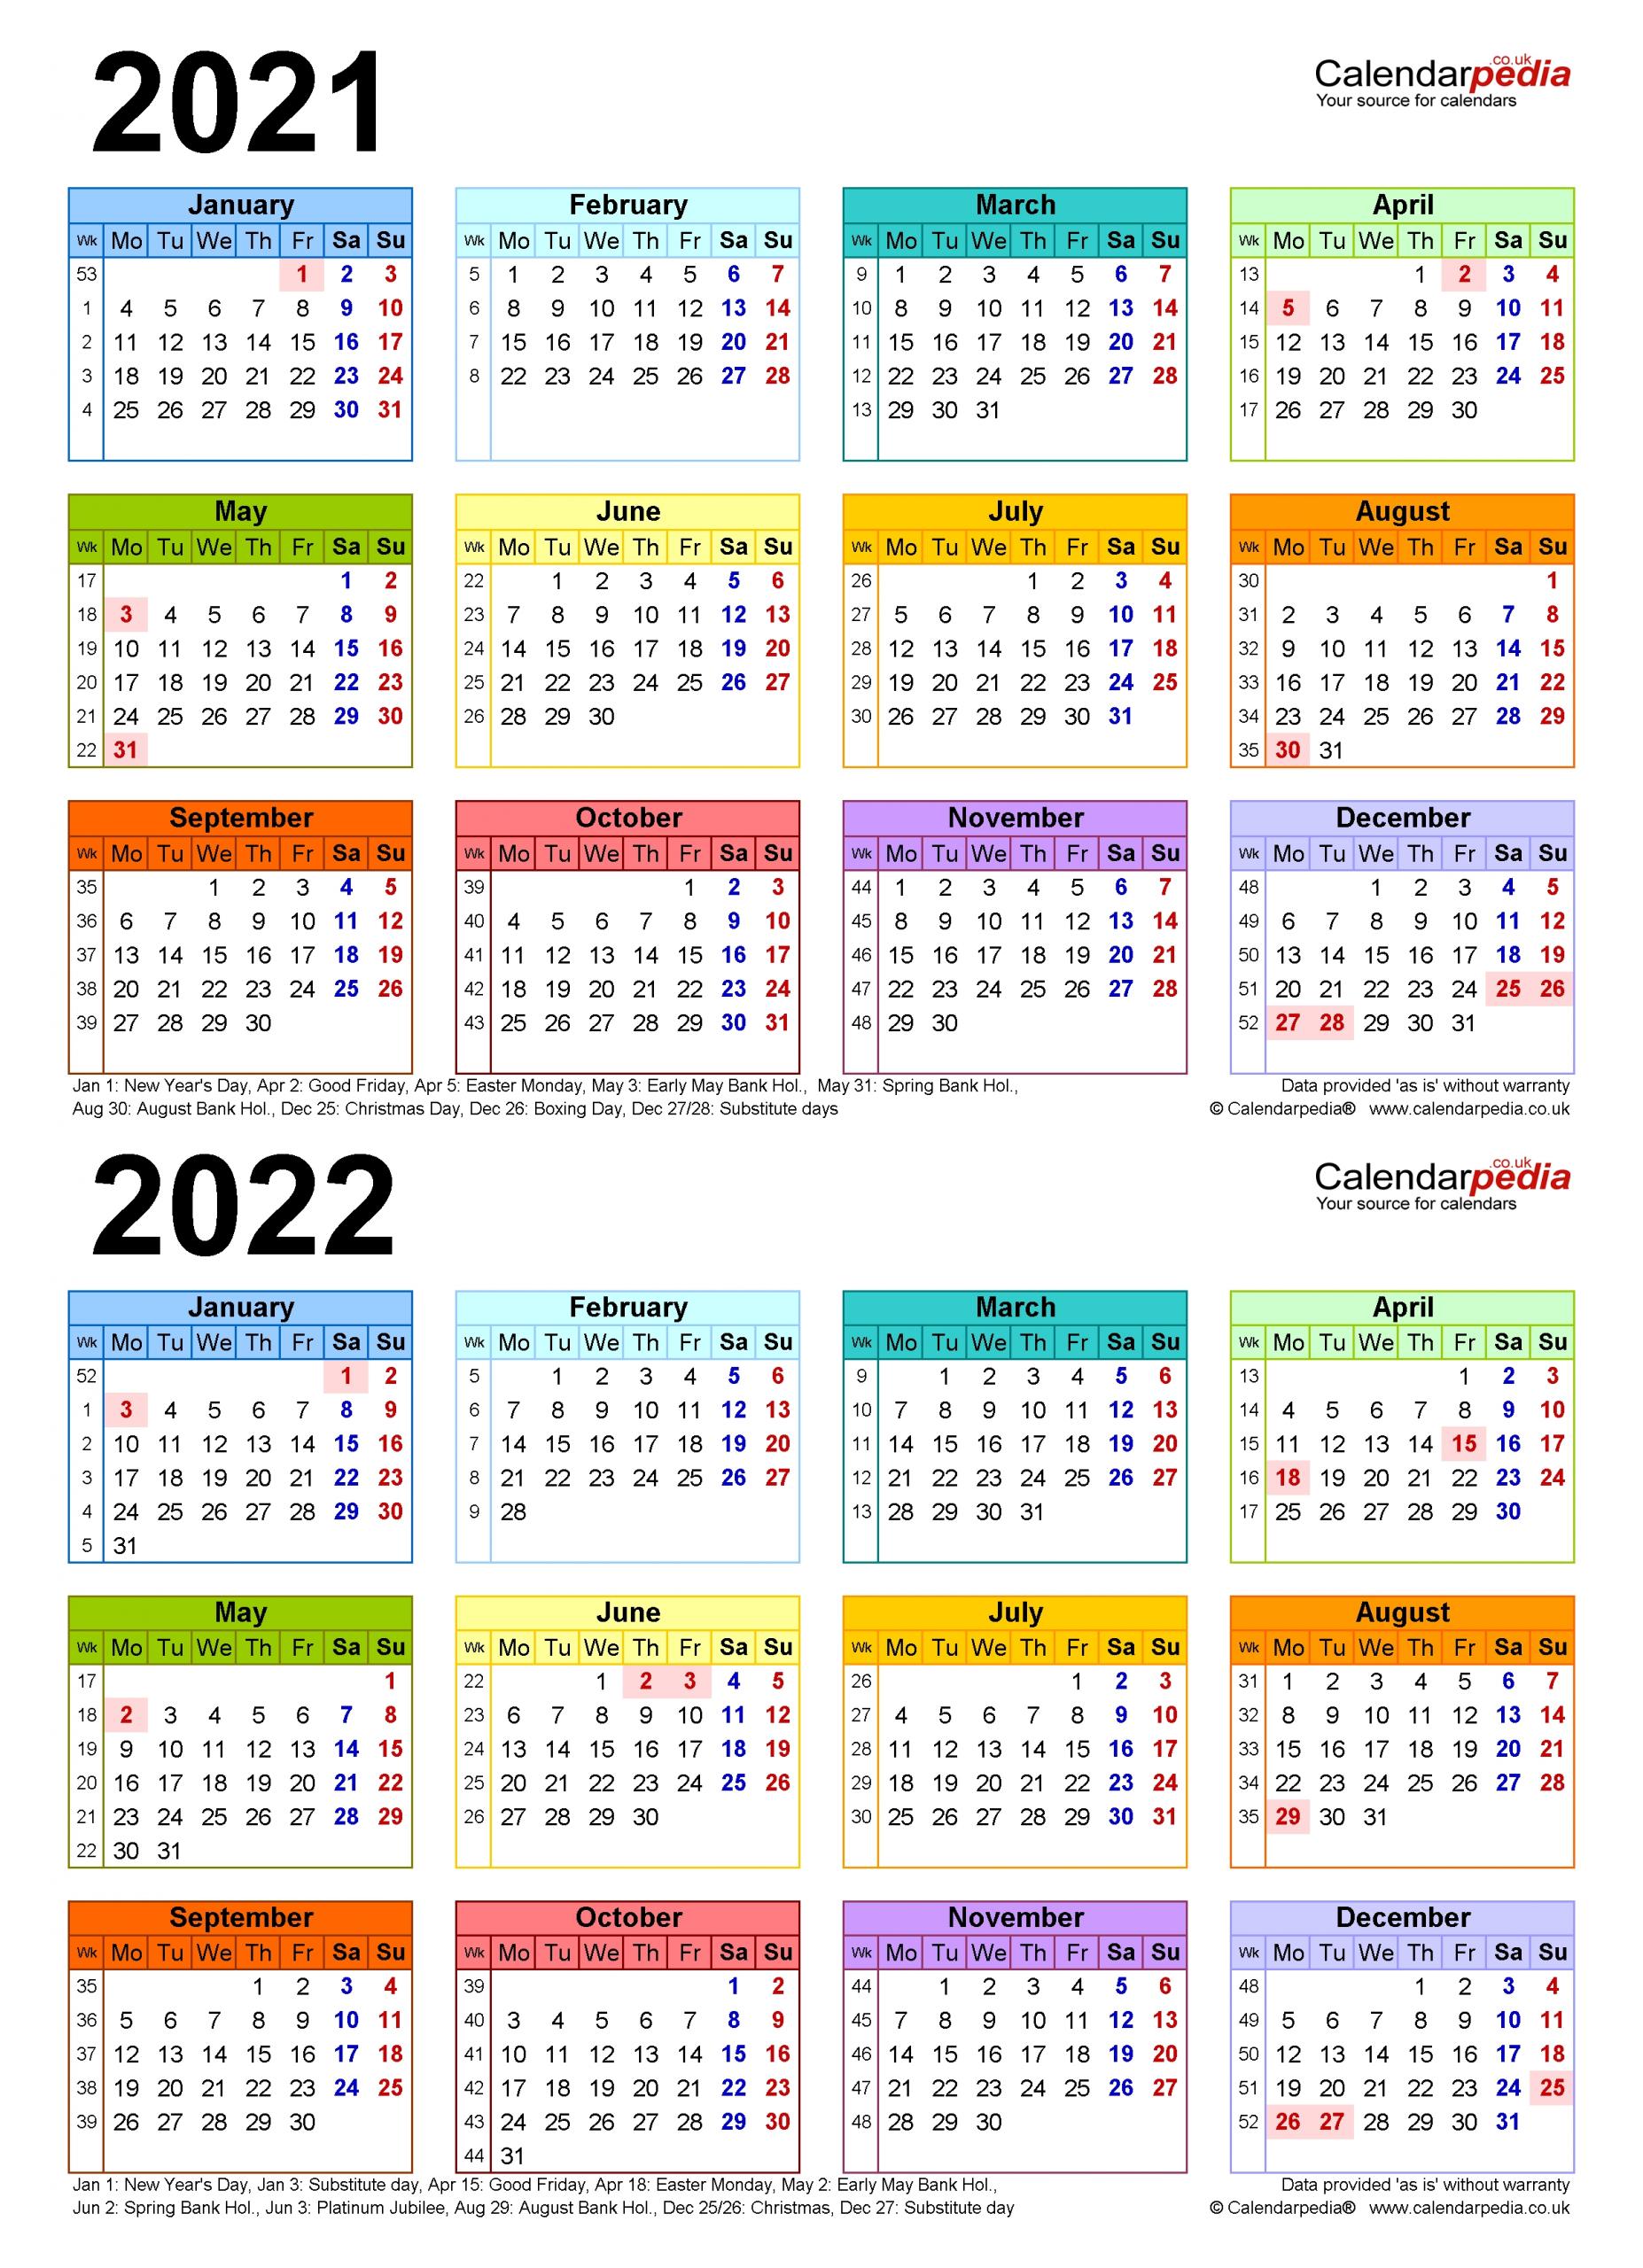 Take Financial Week Numbers 2021 Uk